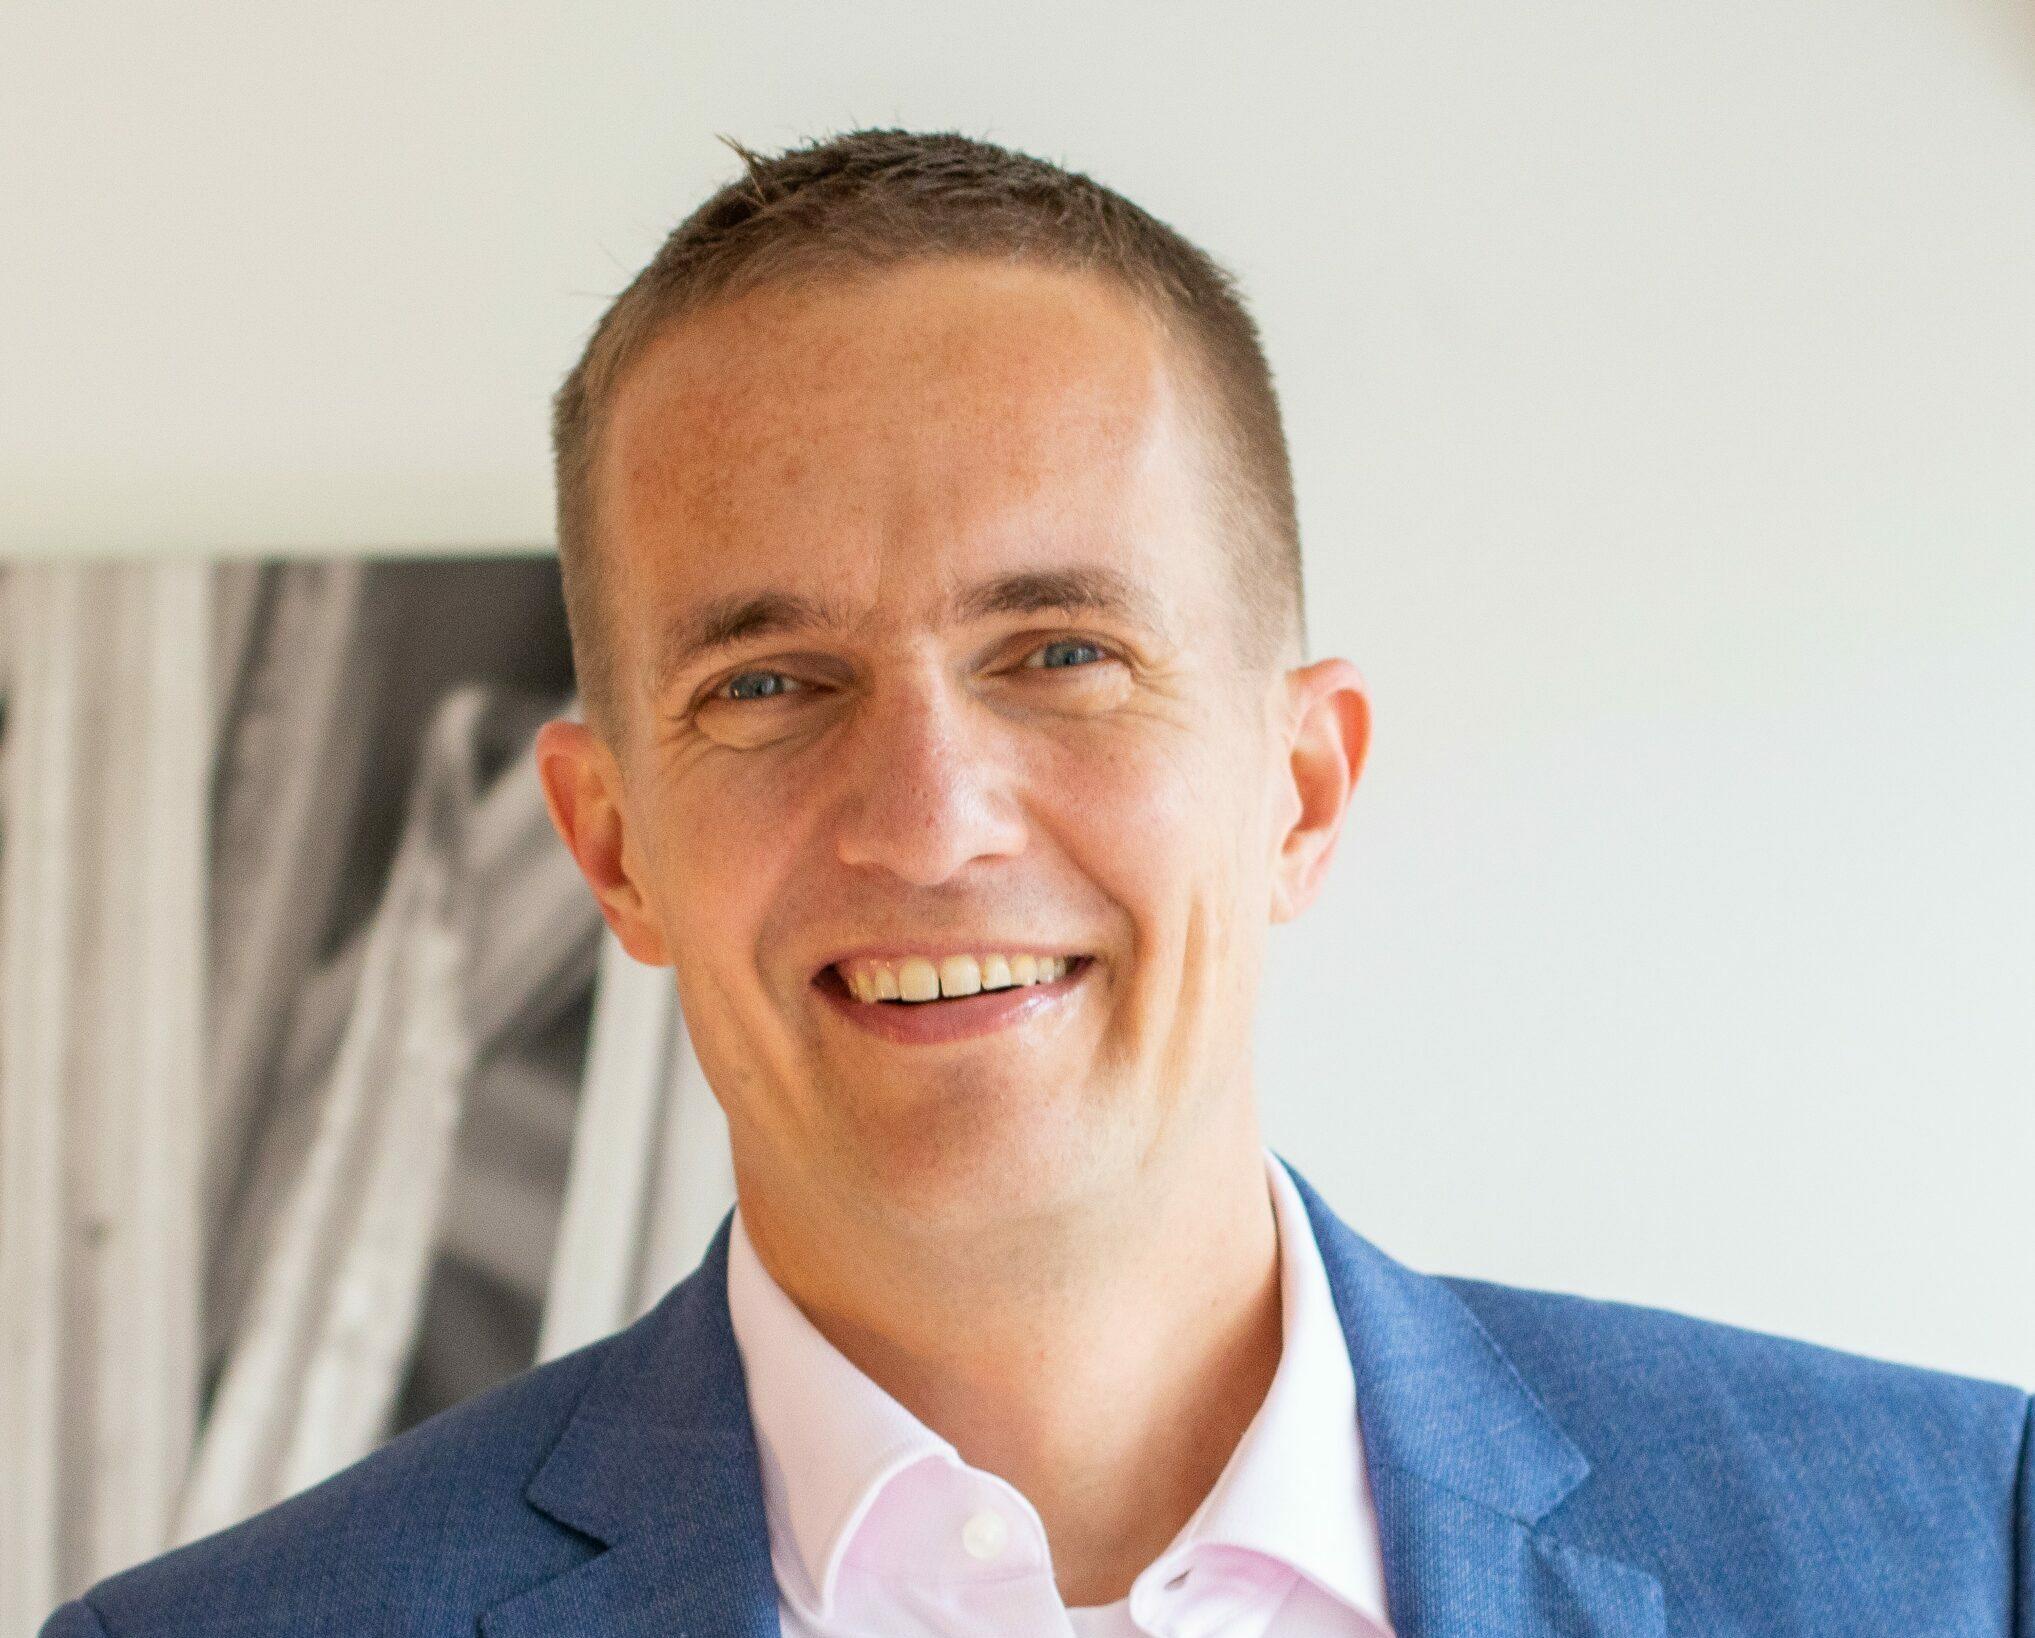 Juha Meronen nimitetty Bitfactorin toimitusjohtajaksi ja Virian johtoryhmän jäseneksi